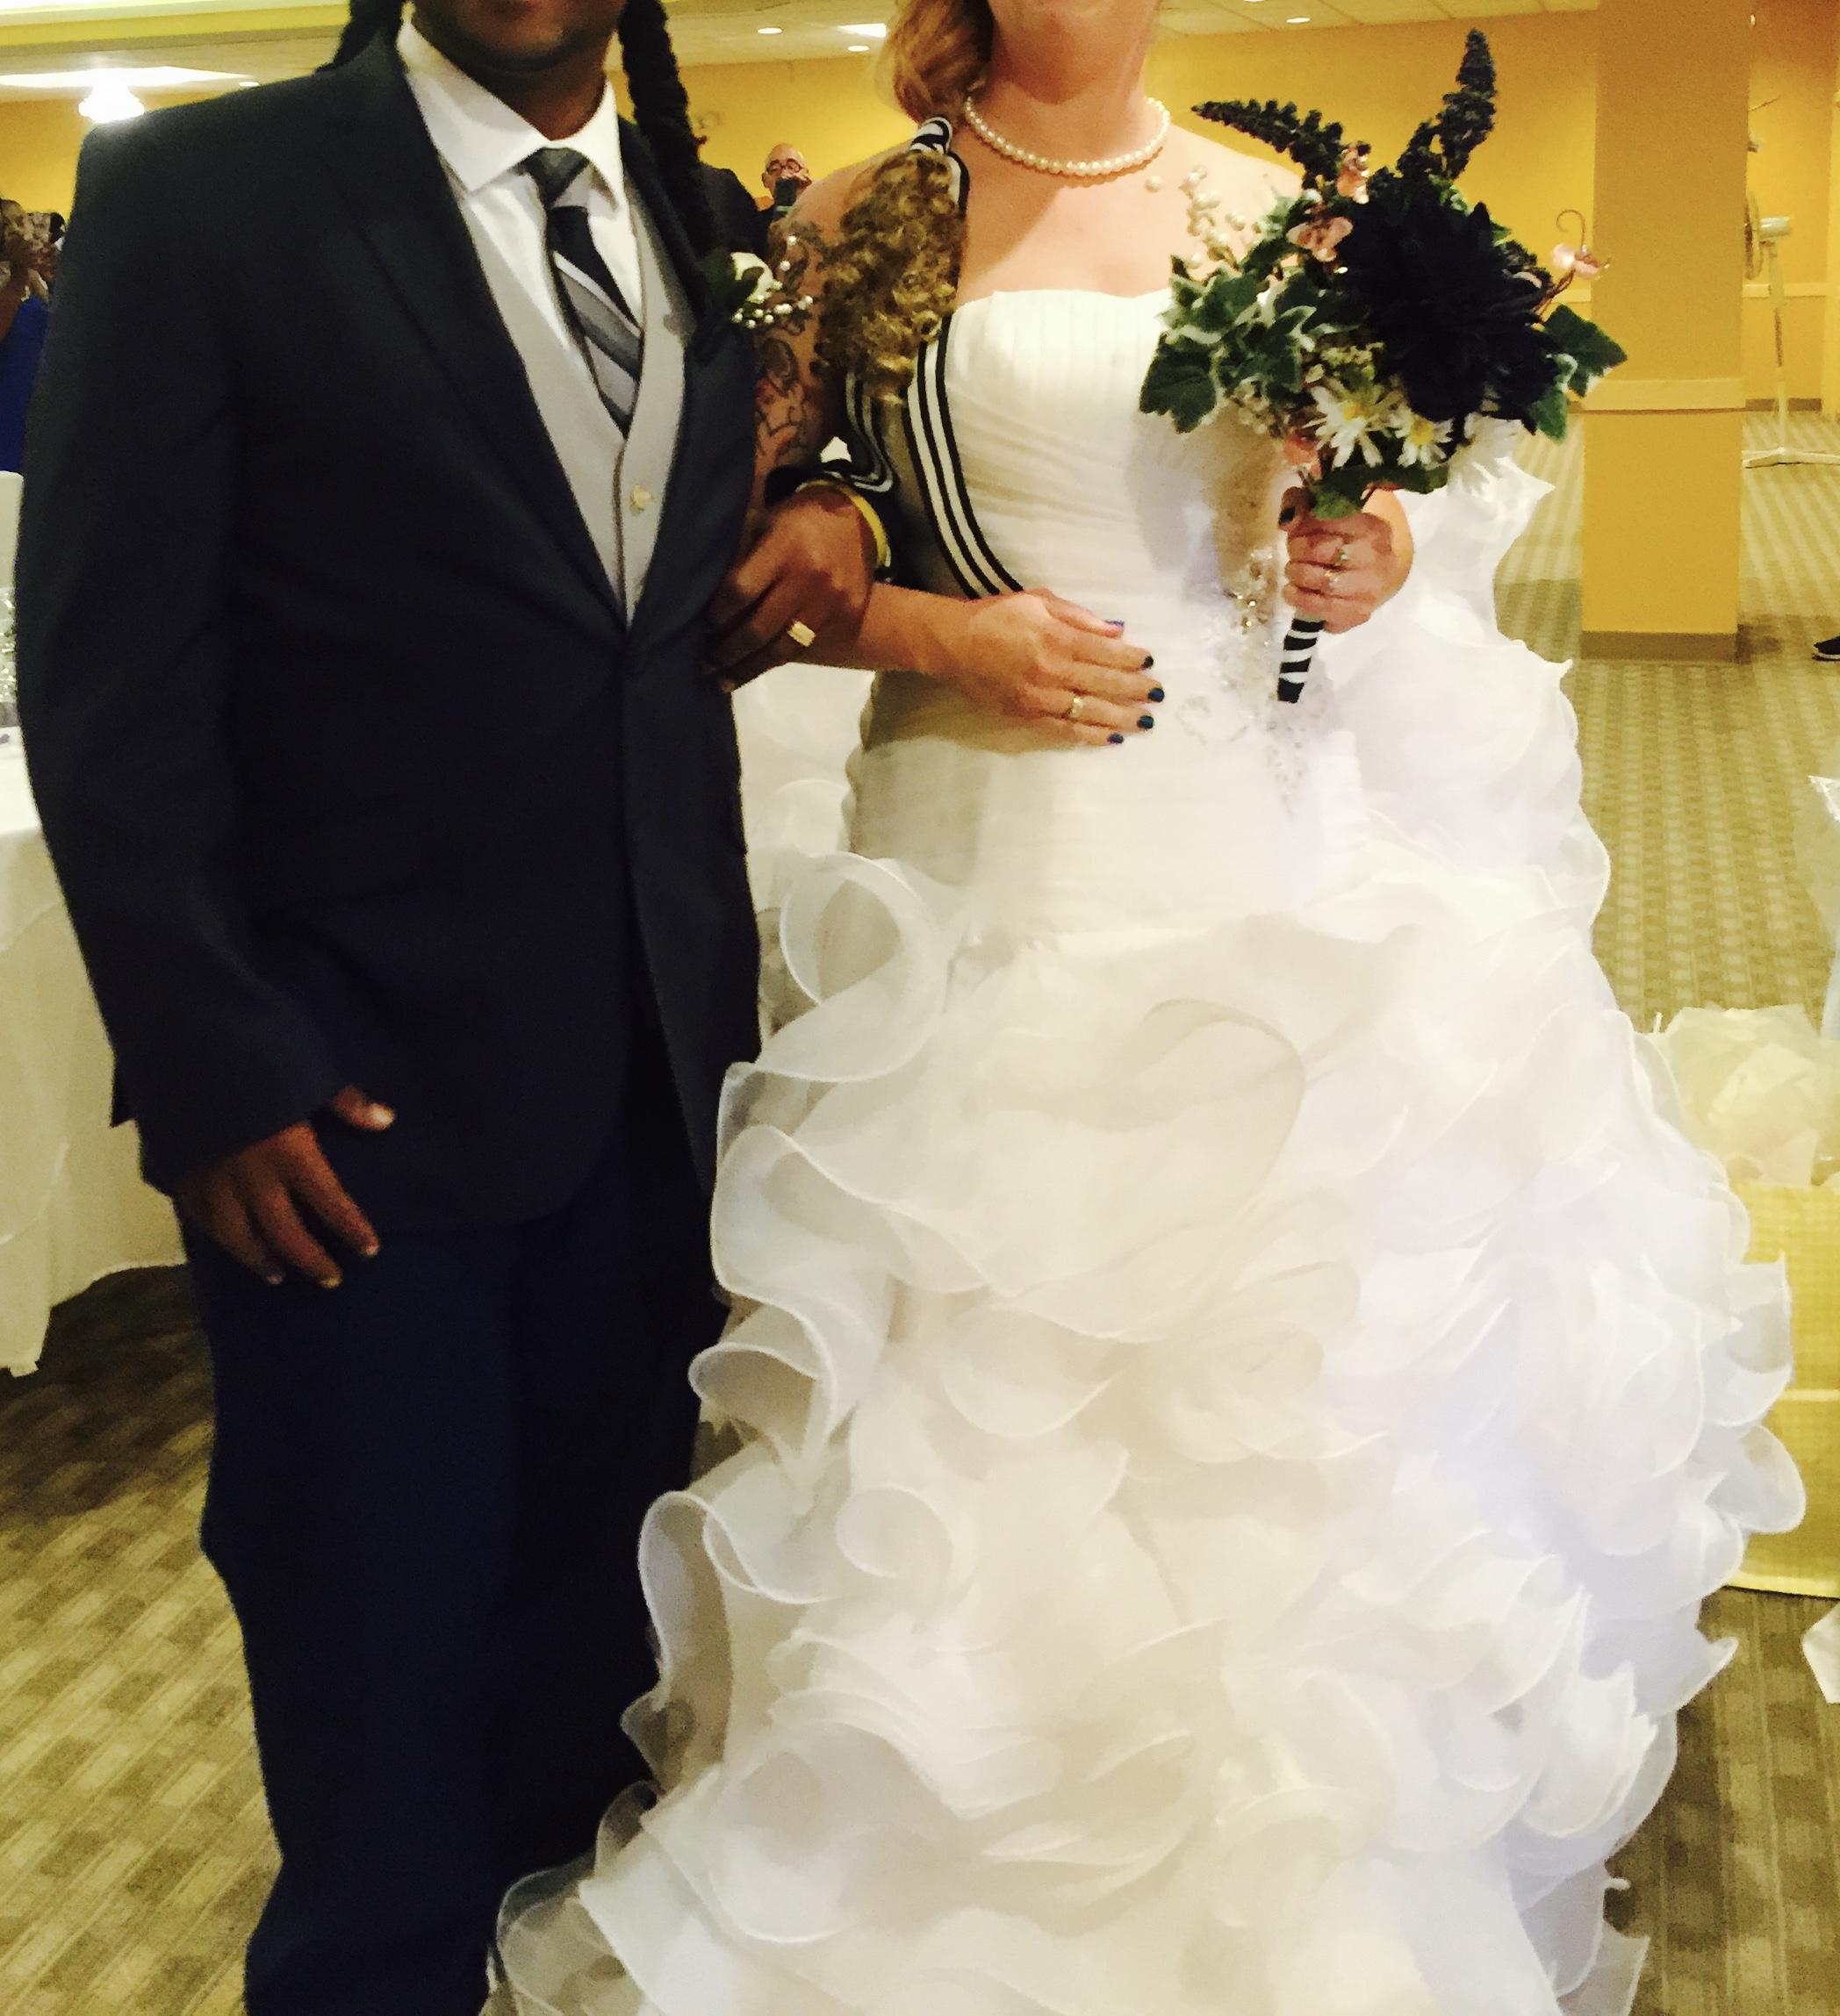 Wedding Venues In Columbus Ga: Event Venue Columbus OH